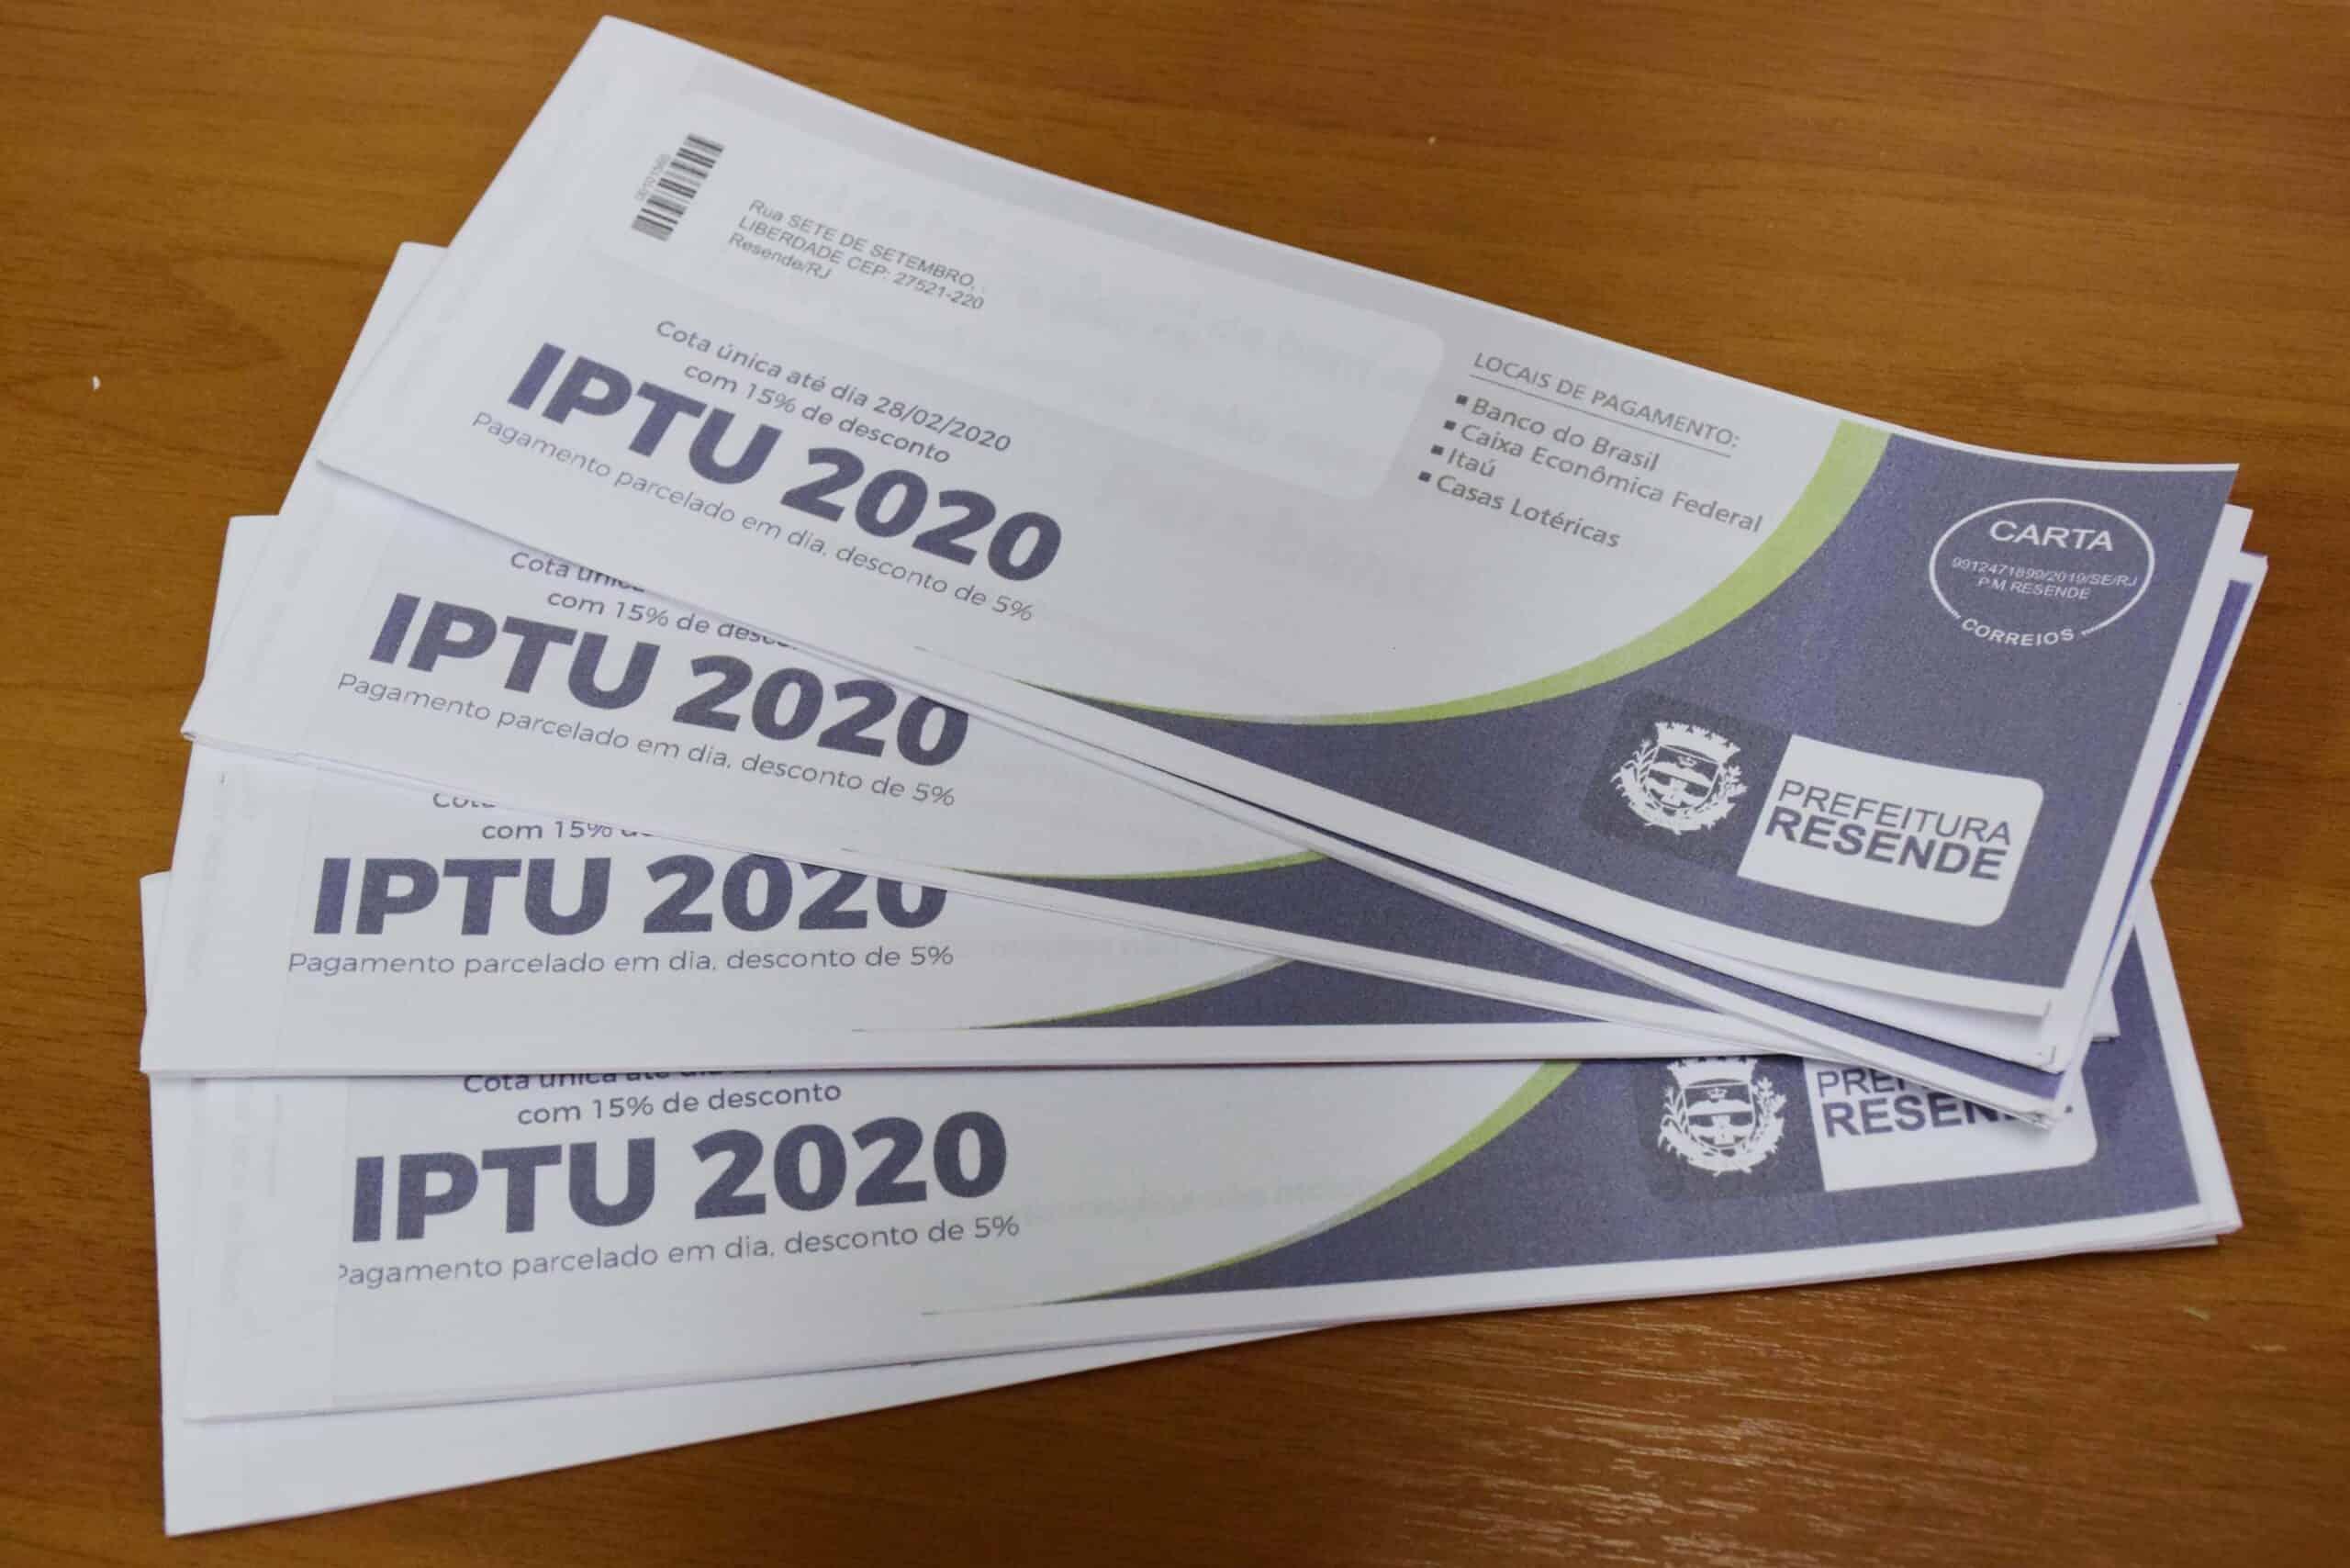 2ª via IPTU 2020: passo a passo COMPLETO para emitir e pagar boleto (Imagem: Reprodução - Google)